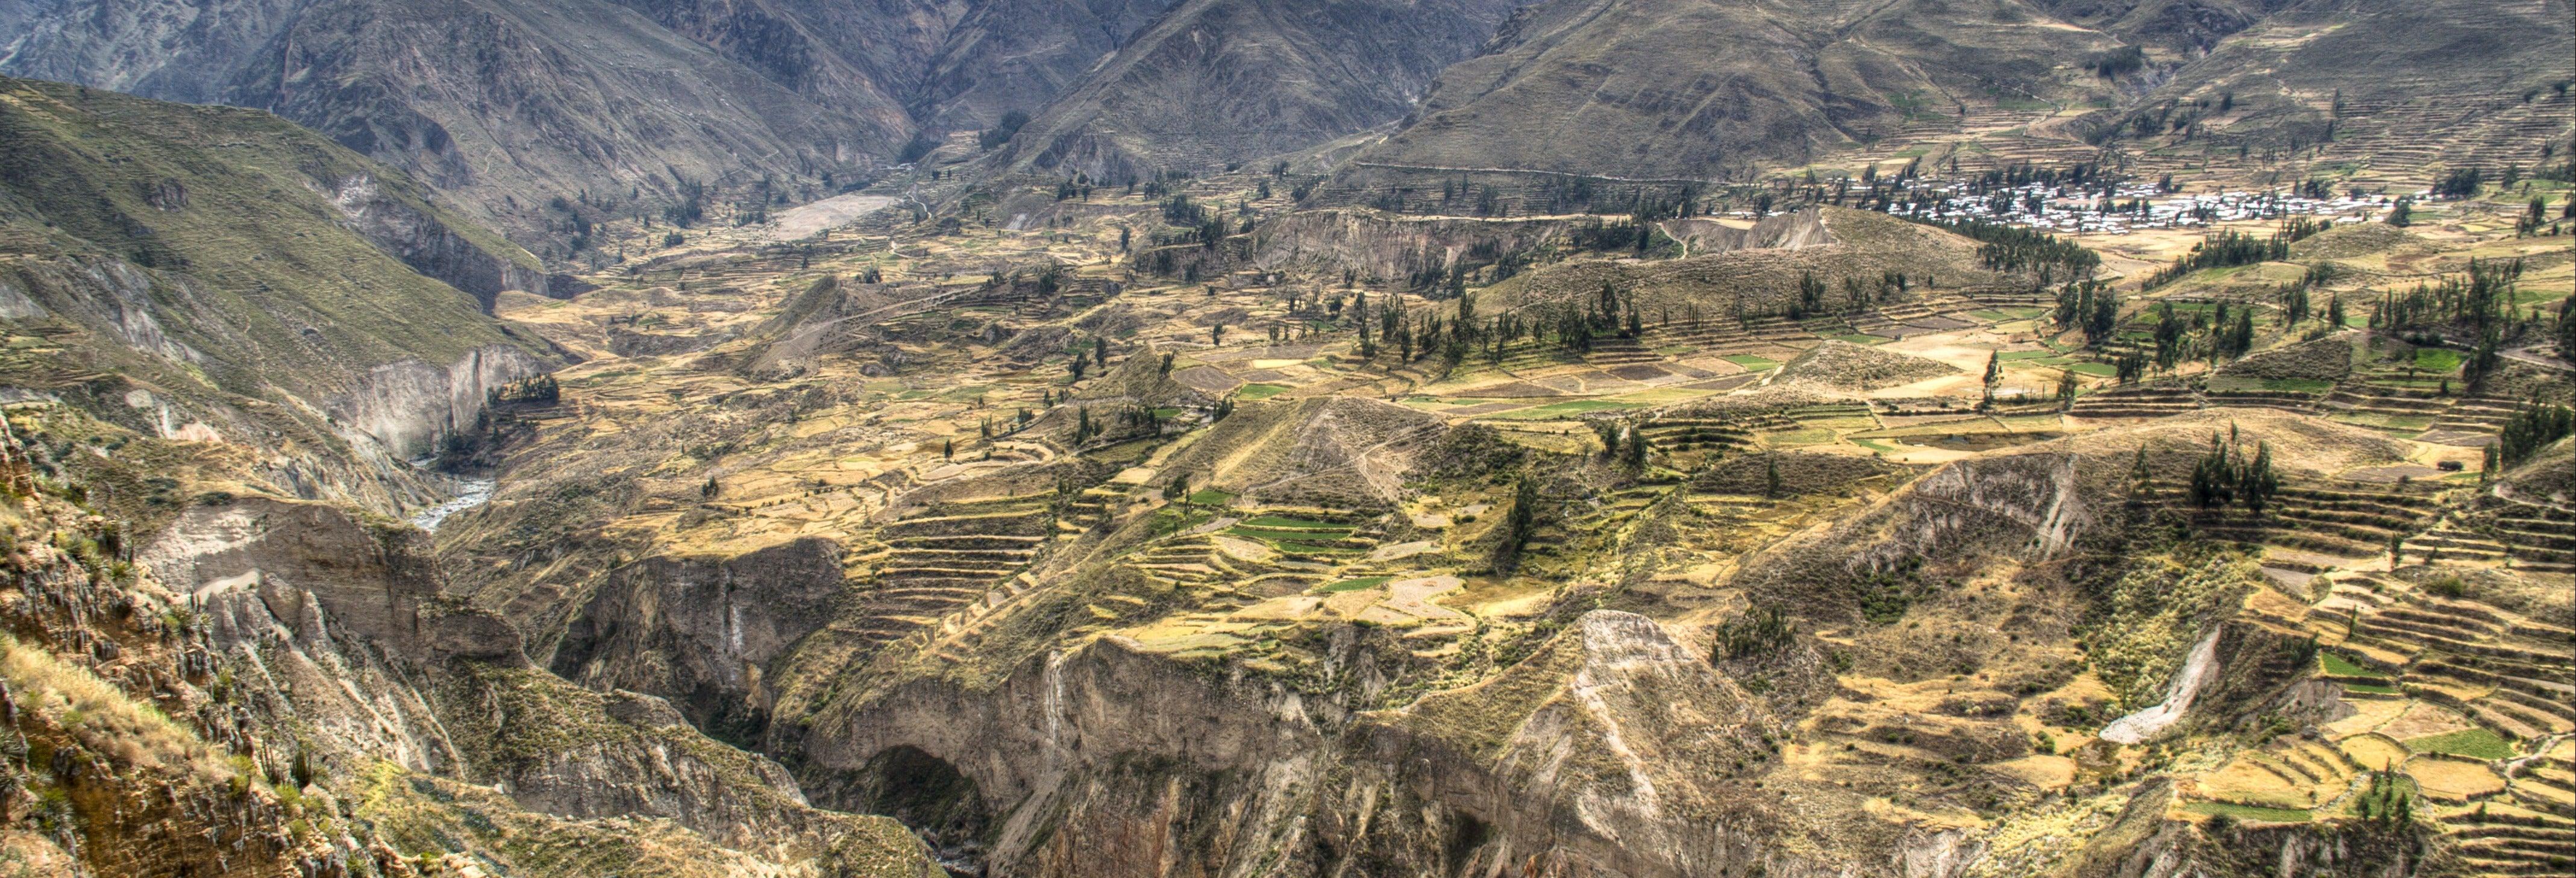 Tour de 2 días al Valle del Colca y la Cruz del Cóndor